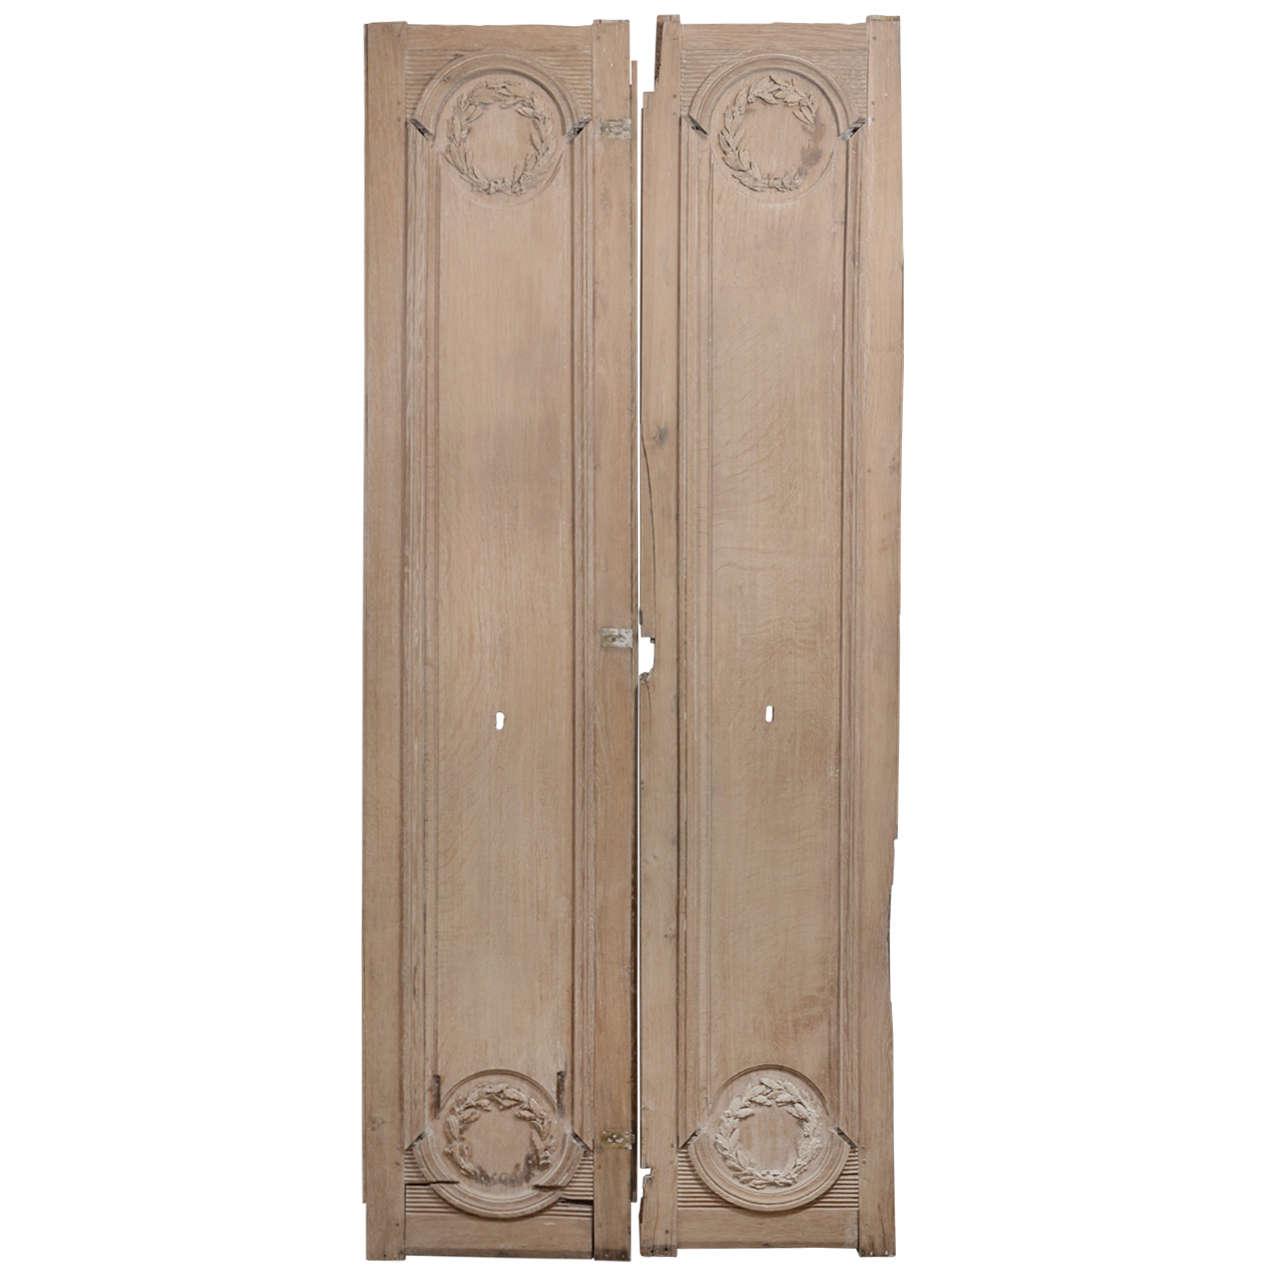 Pair of 18th Century Door Panels